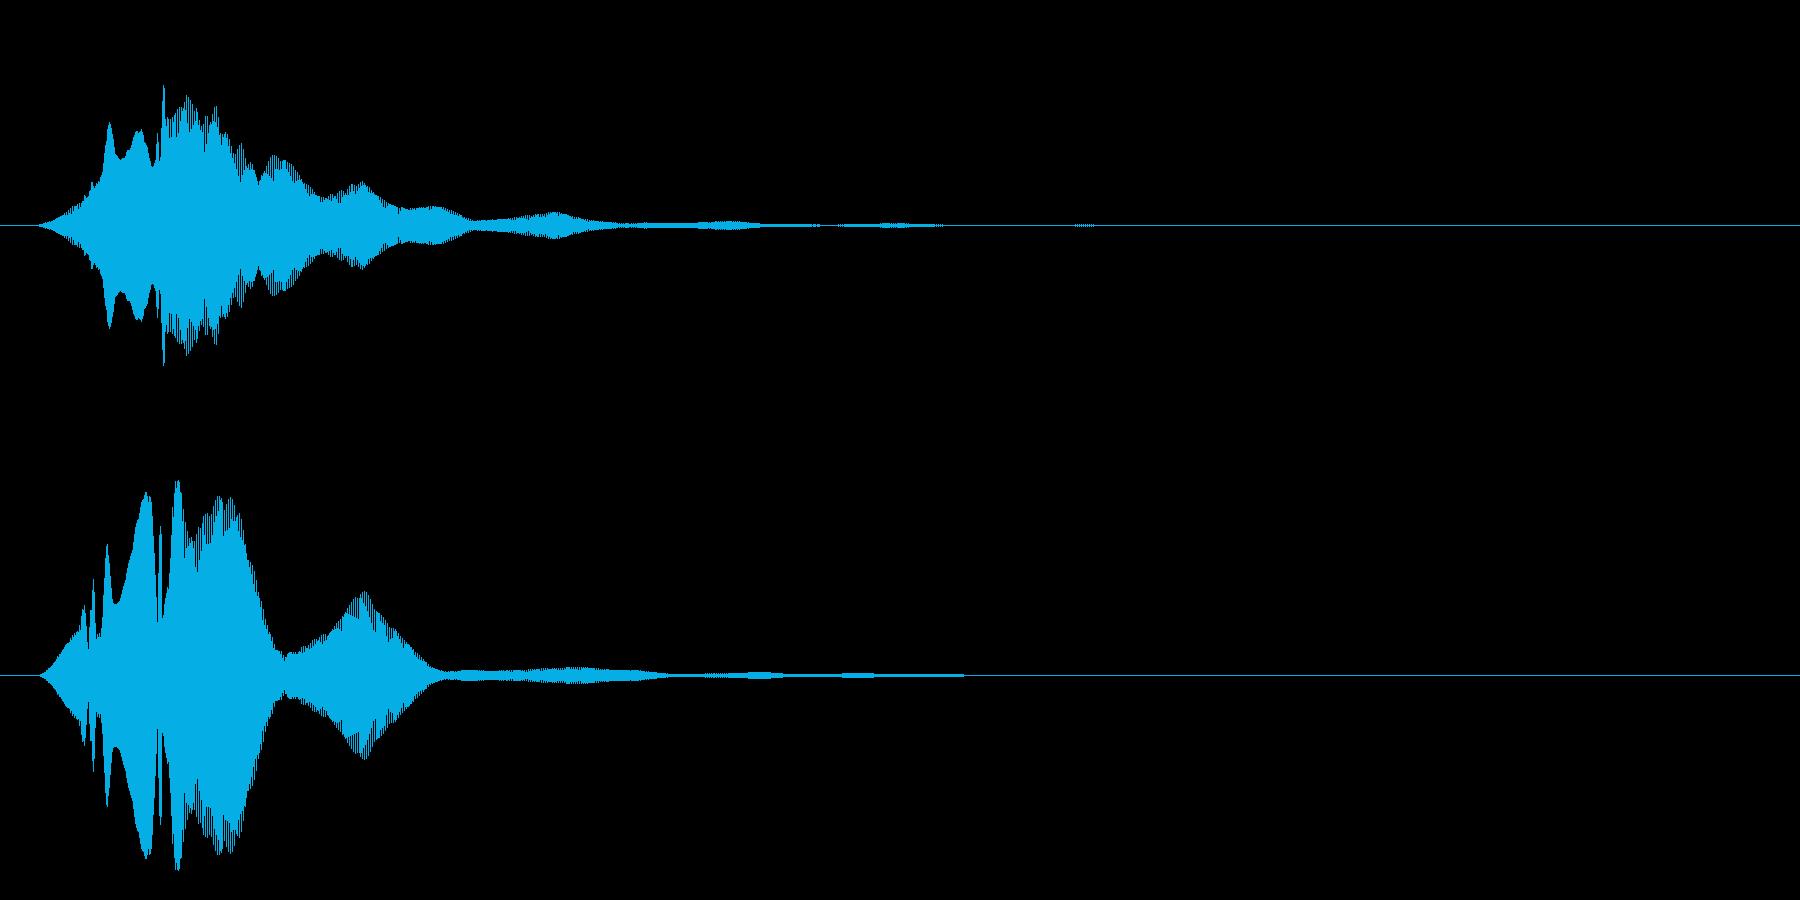 フィヨンーの再生済みの波形